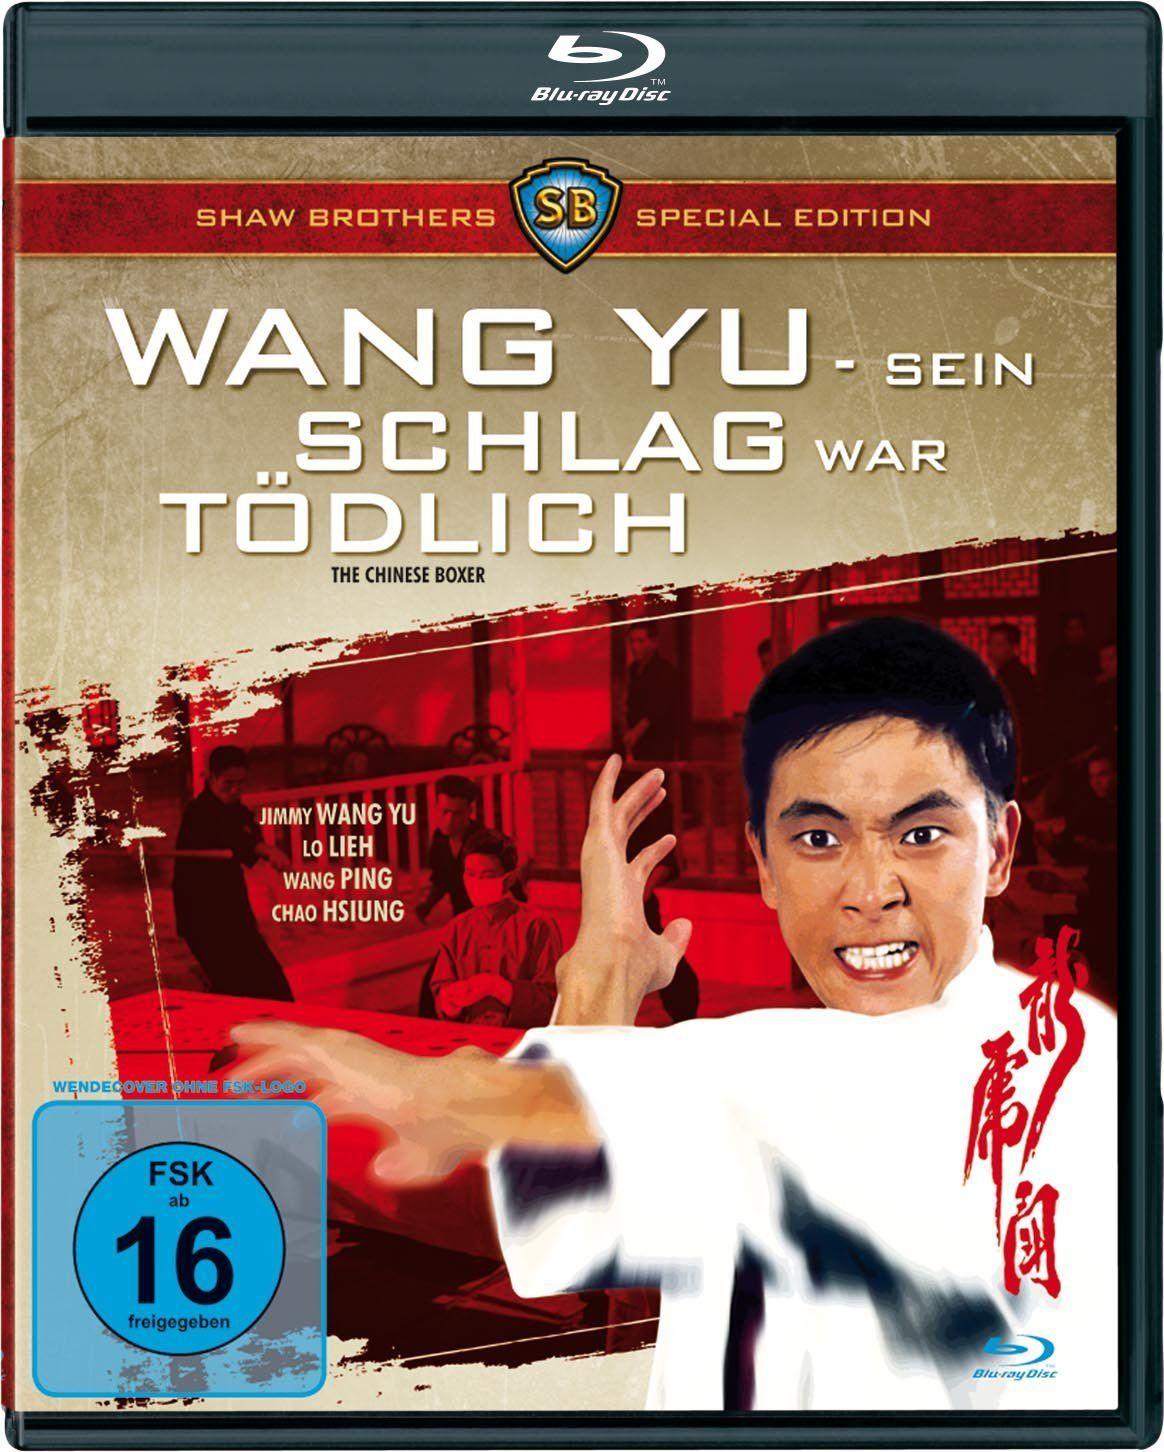 Wang Yu - Sein Schlag war tödlich (BLURAY)